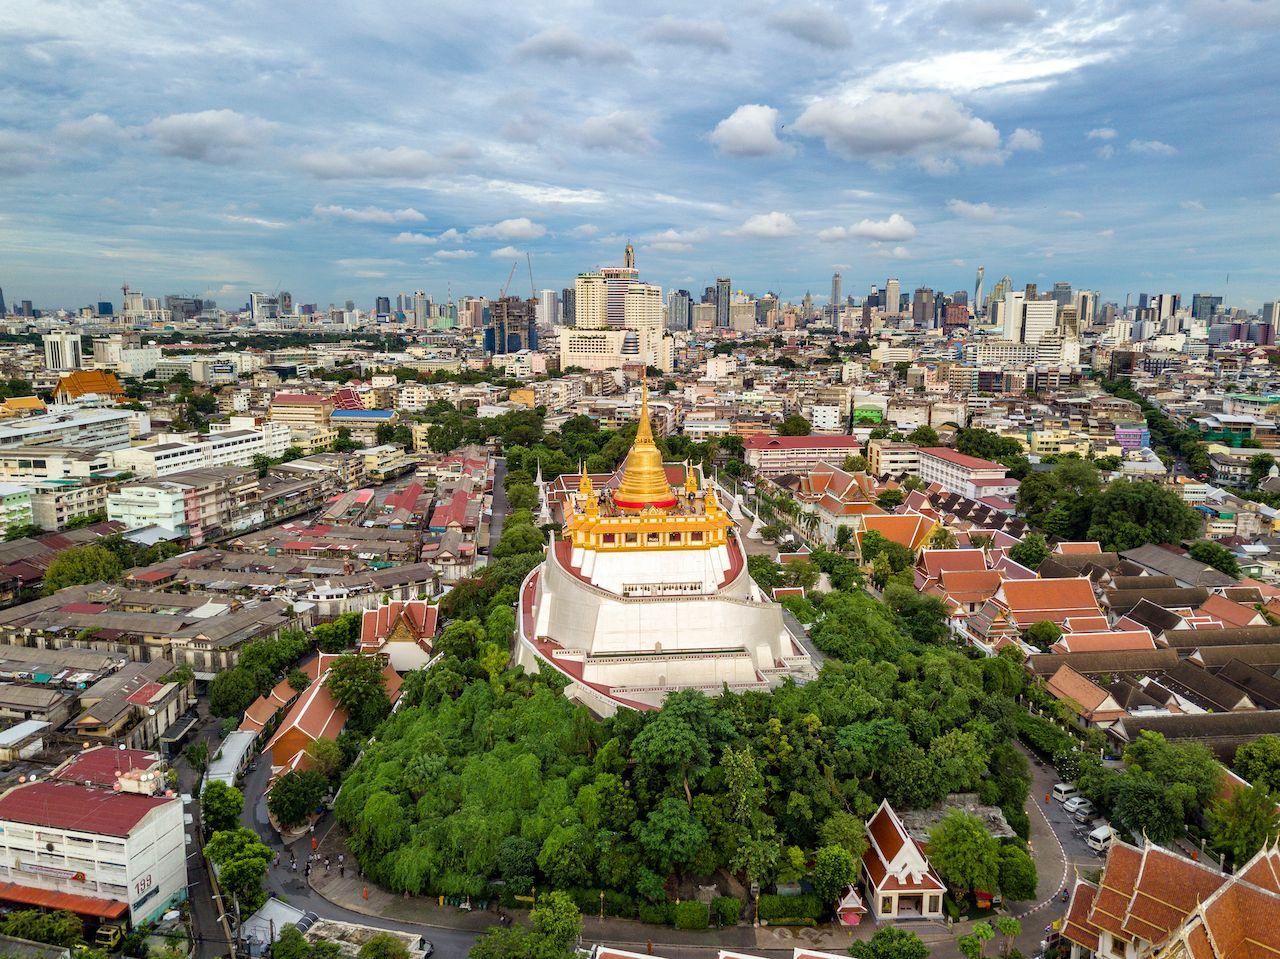 One-day-in-Bangkok-Wat-Saket-701272588